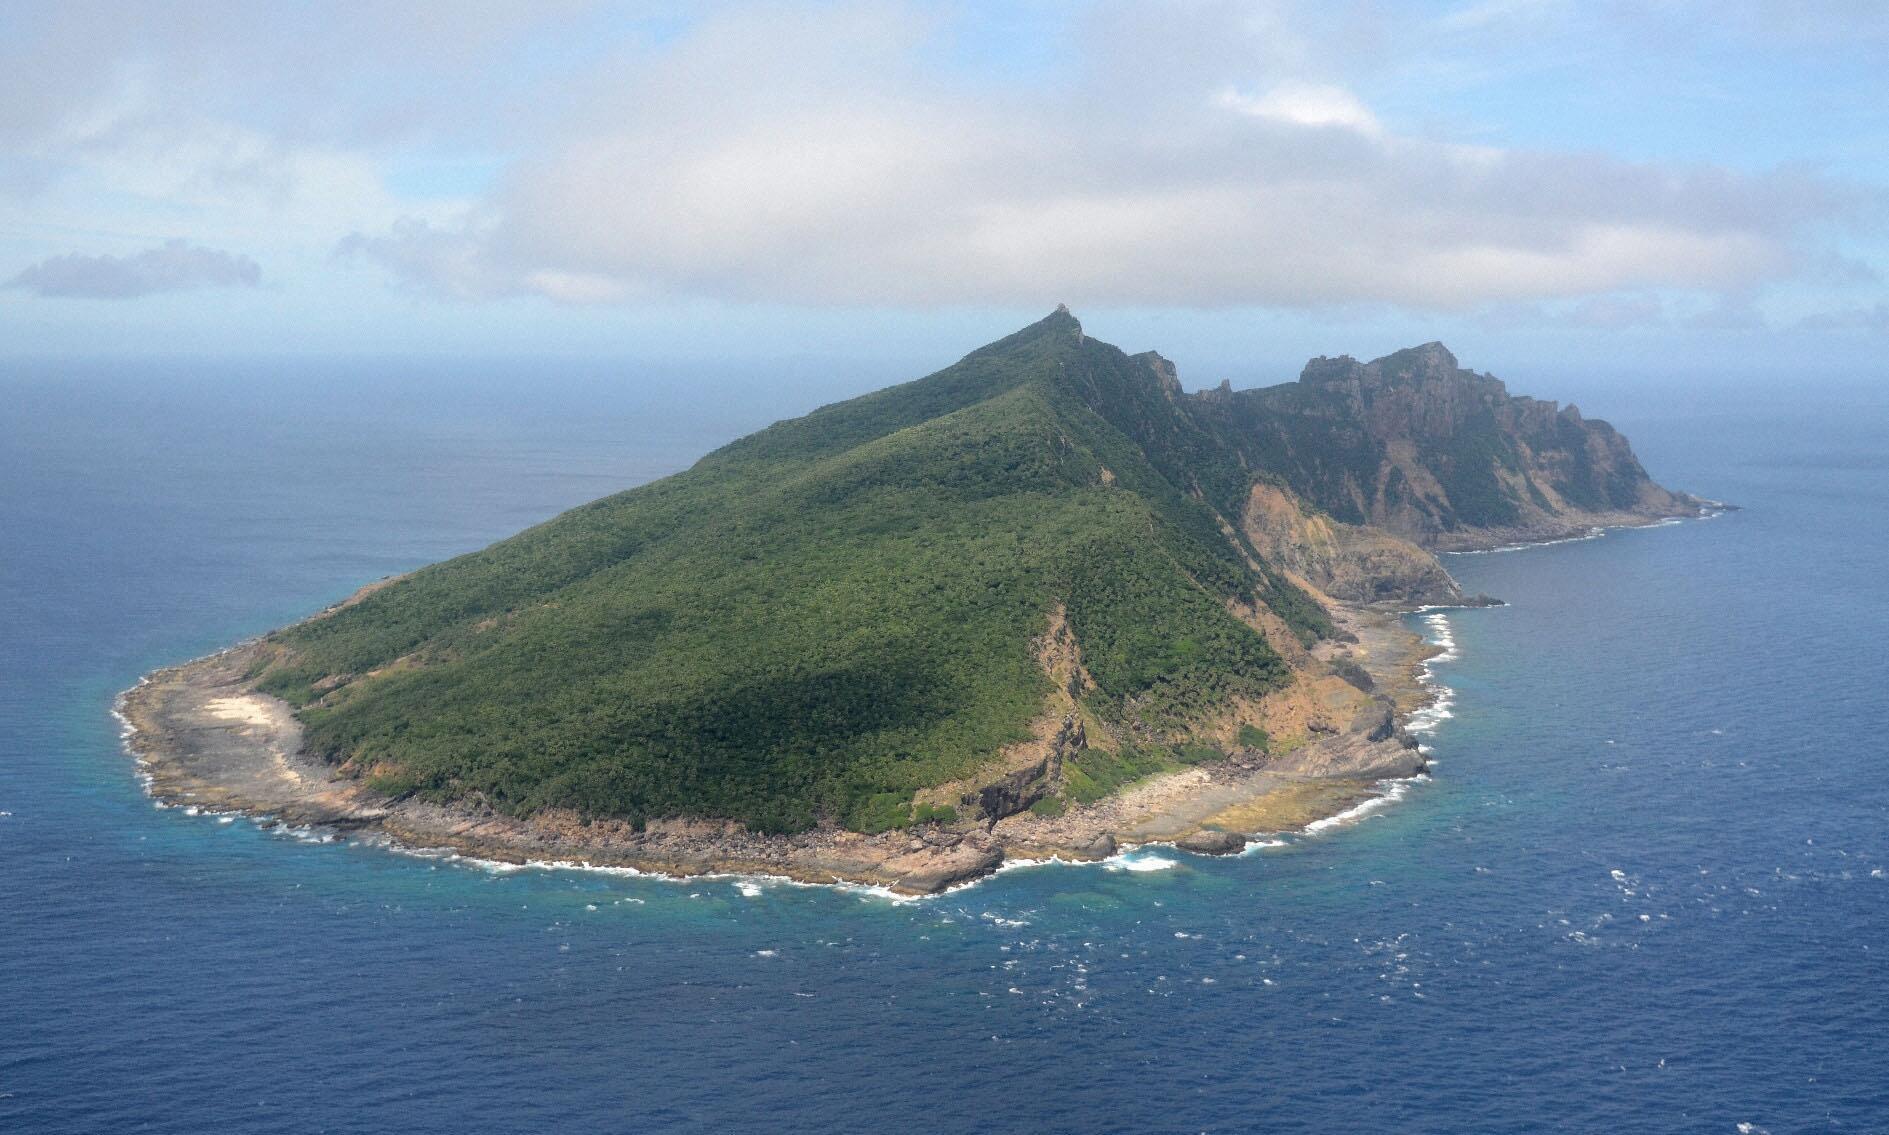 L'île d'Uotsuri fait partie des îles Senkaku / Diaoyu que se disputent le Japon et la Chine.